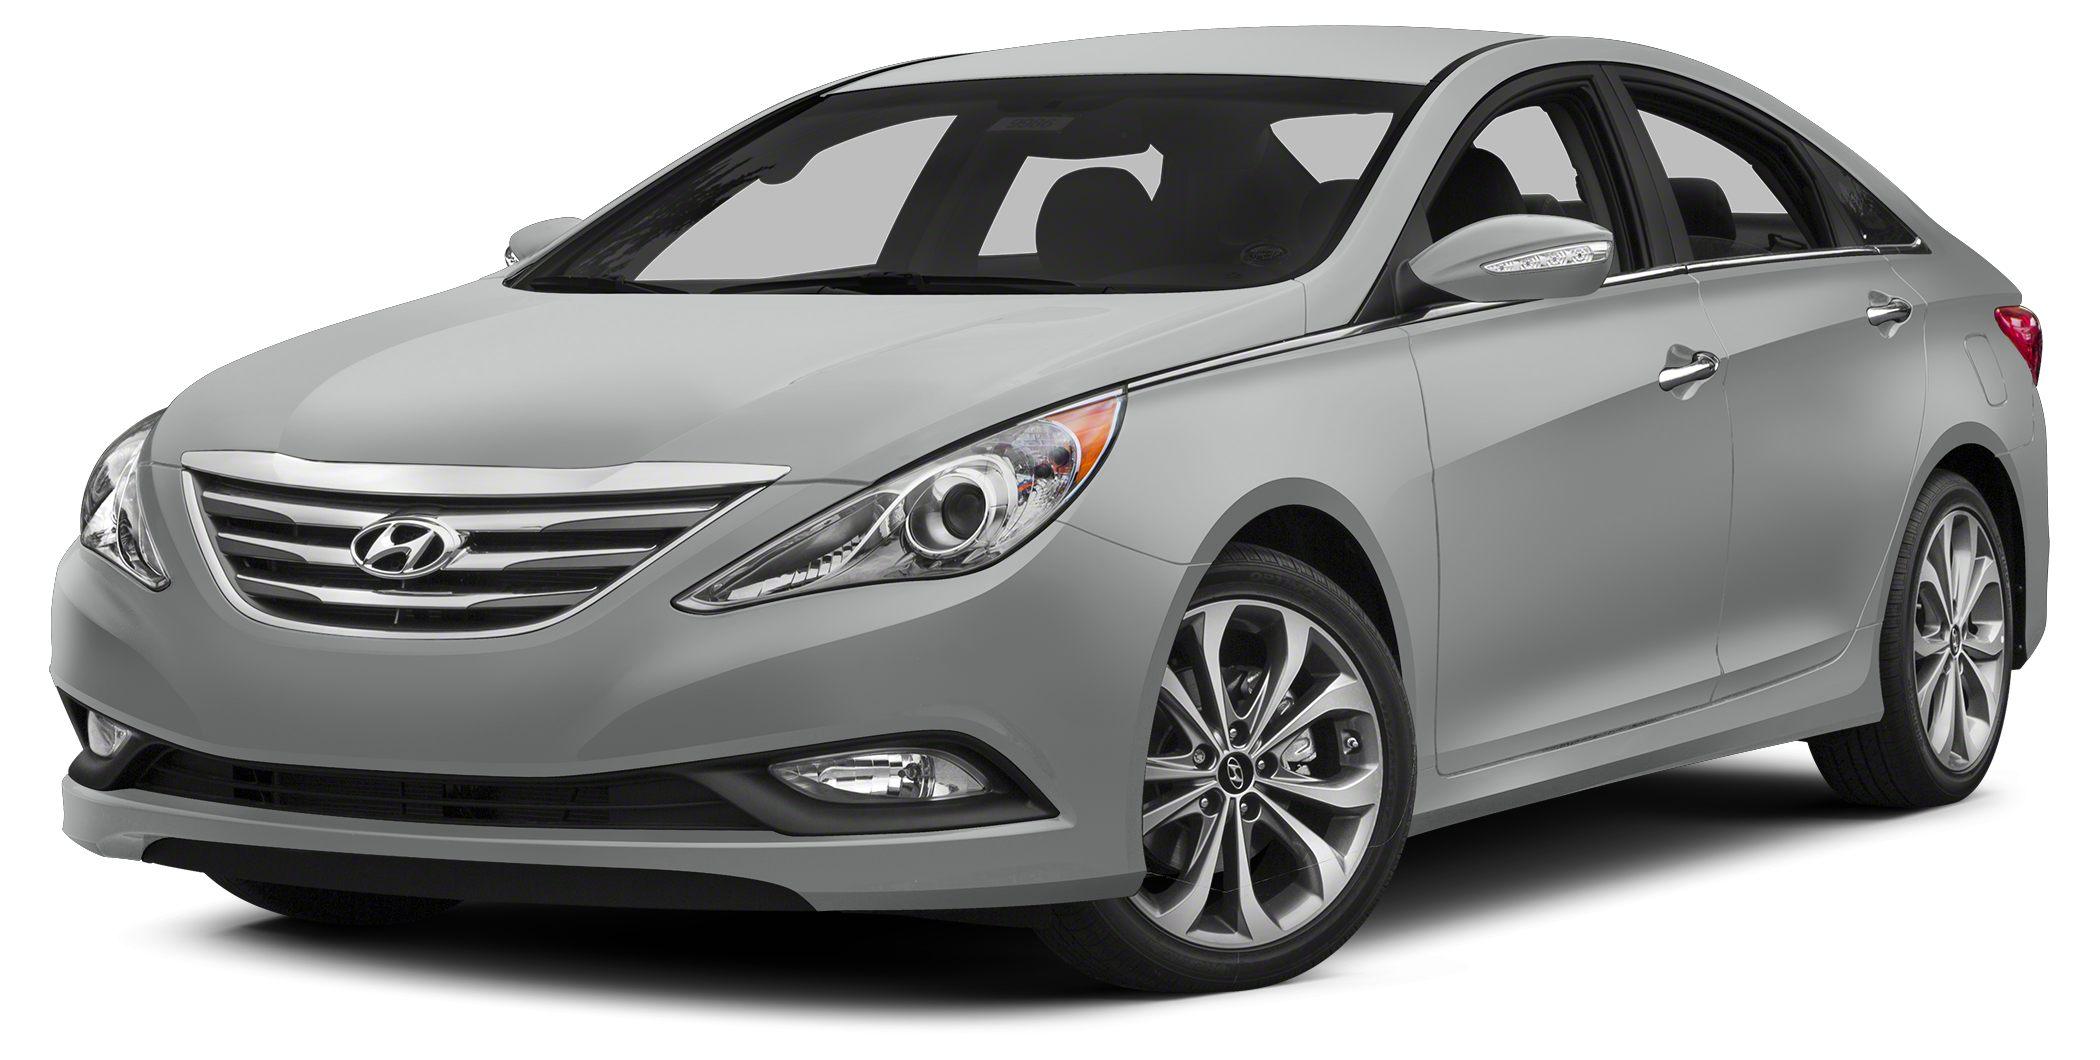 2014 Hyundai